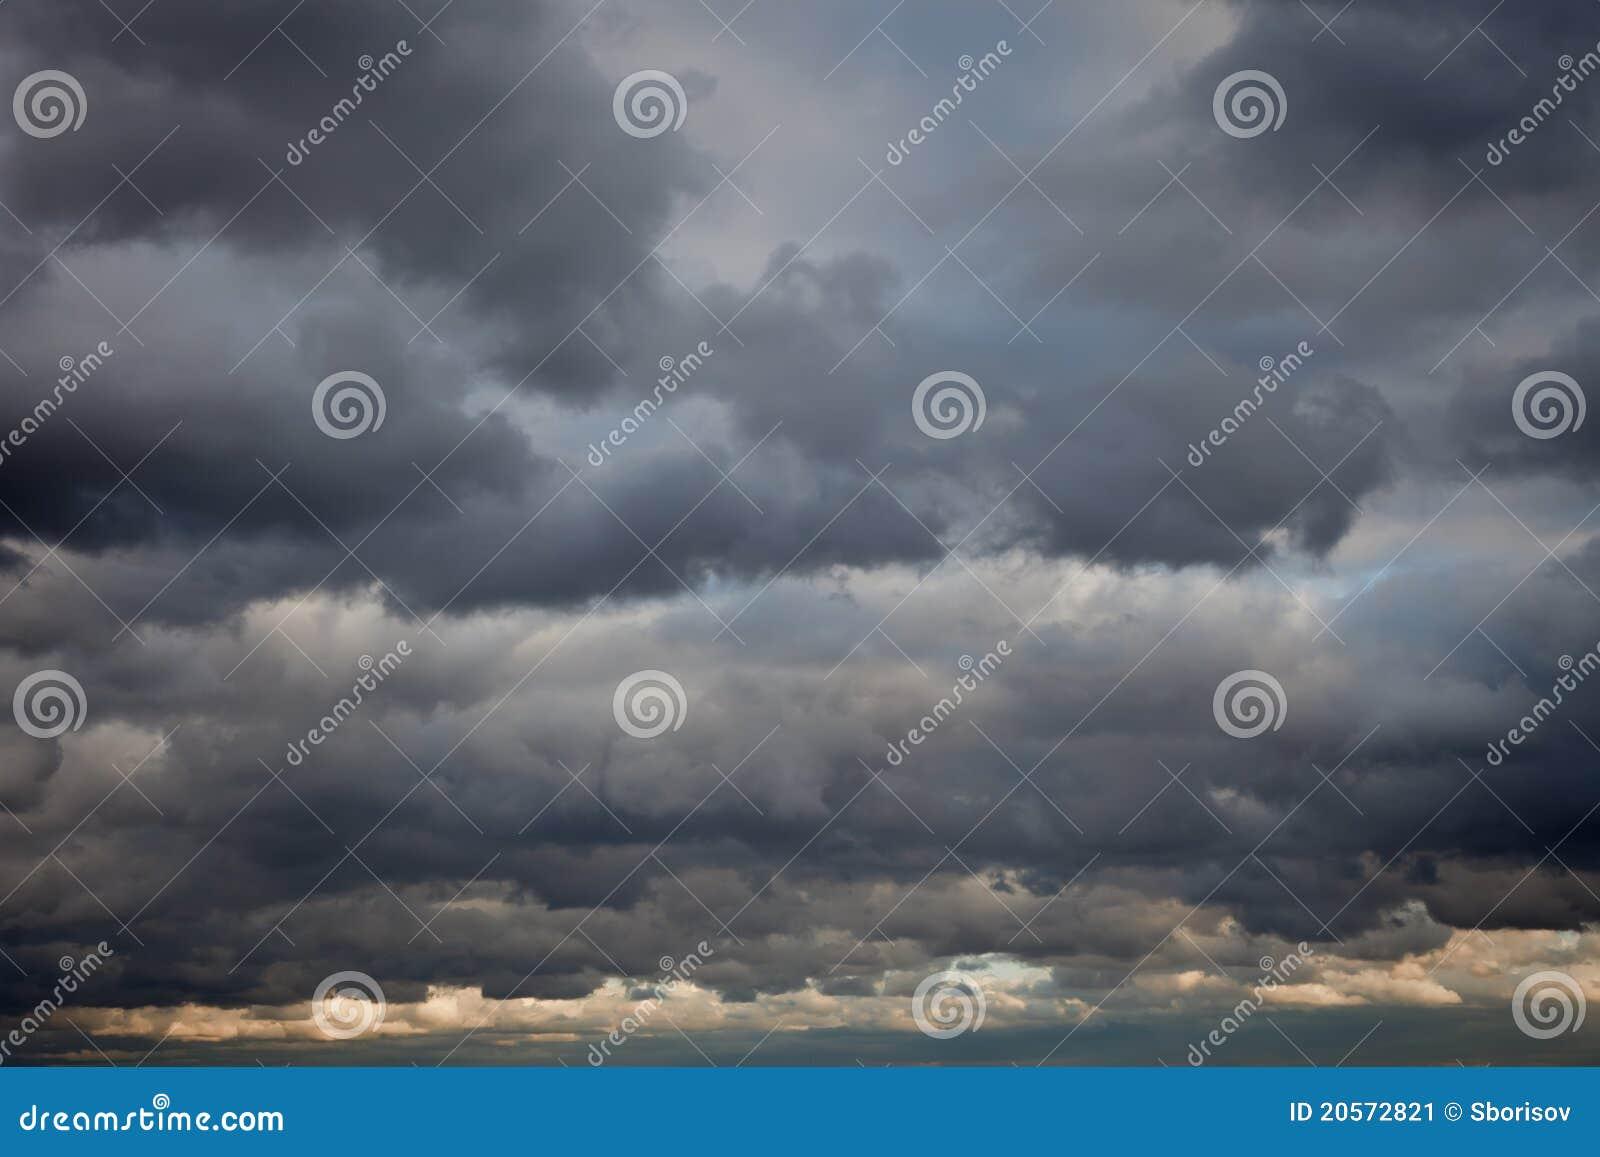 Priorità bassa tempestosa del cielo